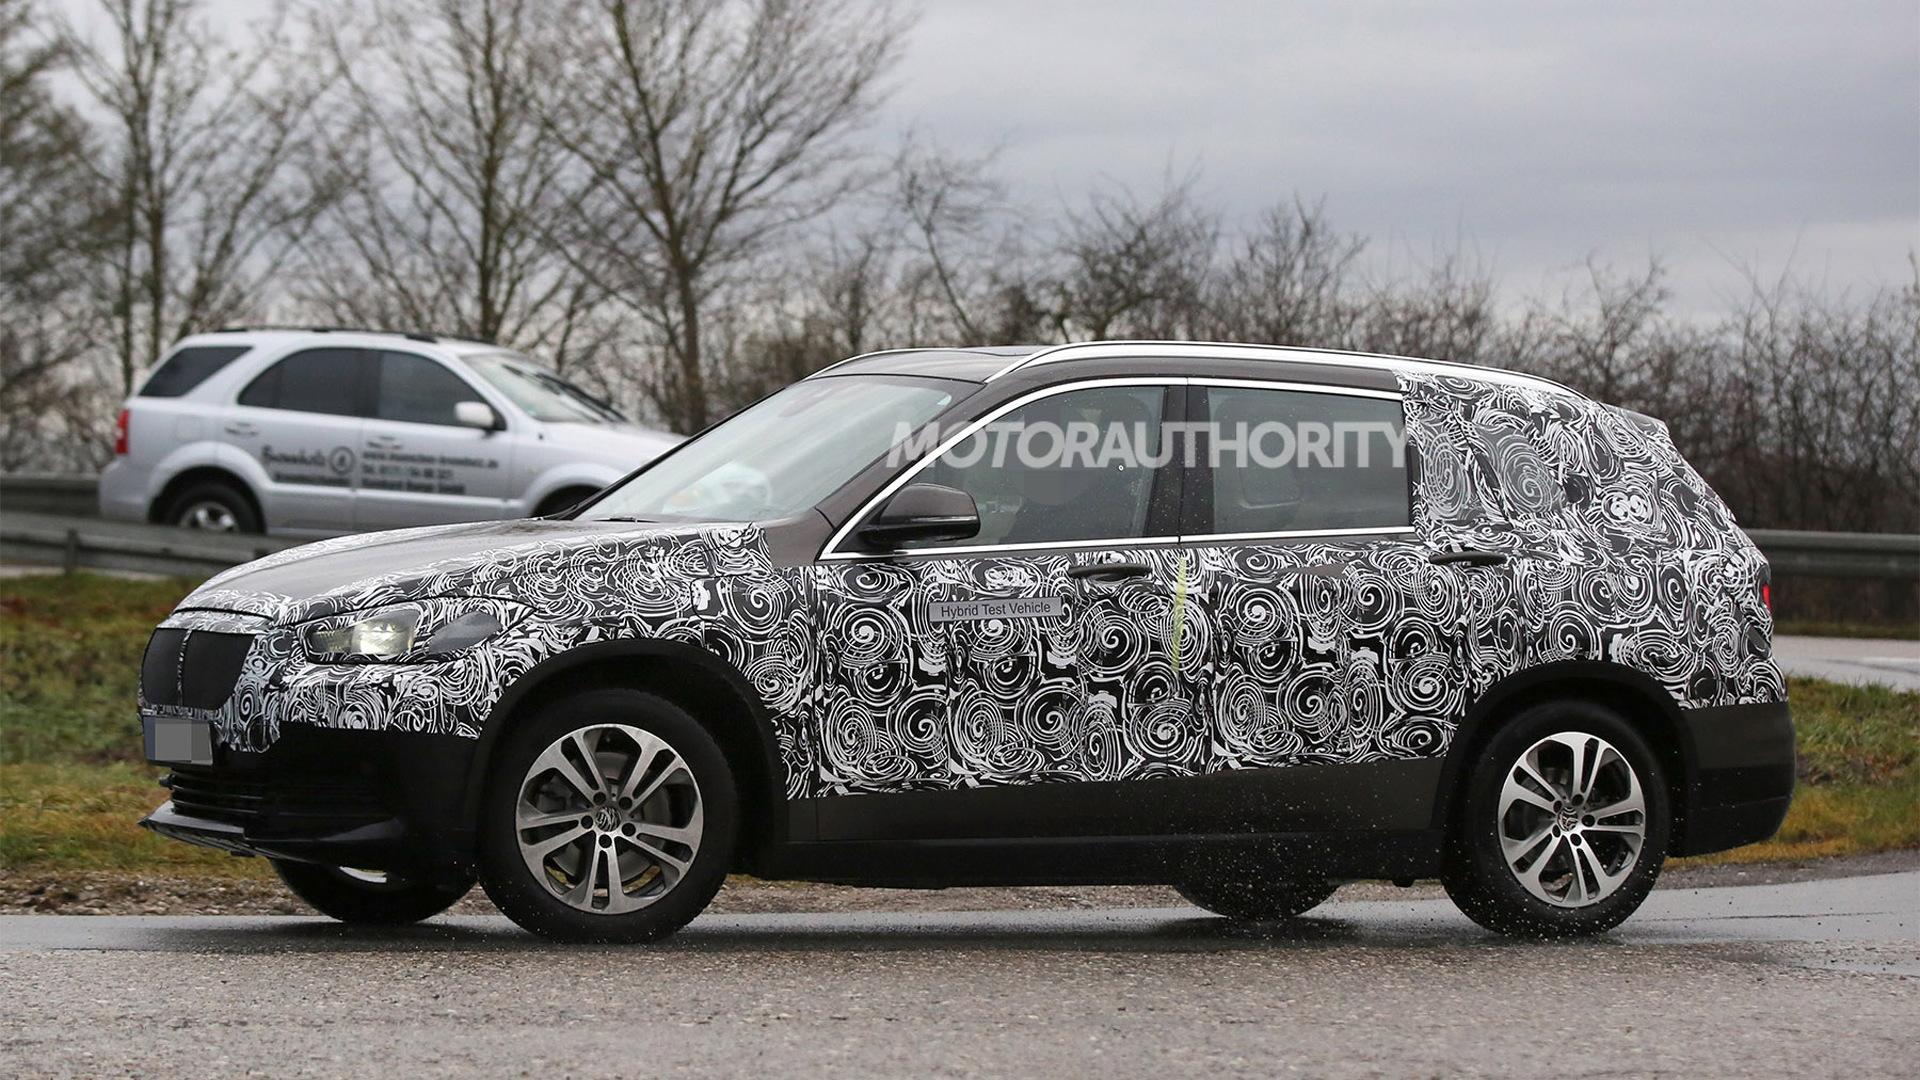 2016 BMW X1 With Third-Row Seats Spy Shots